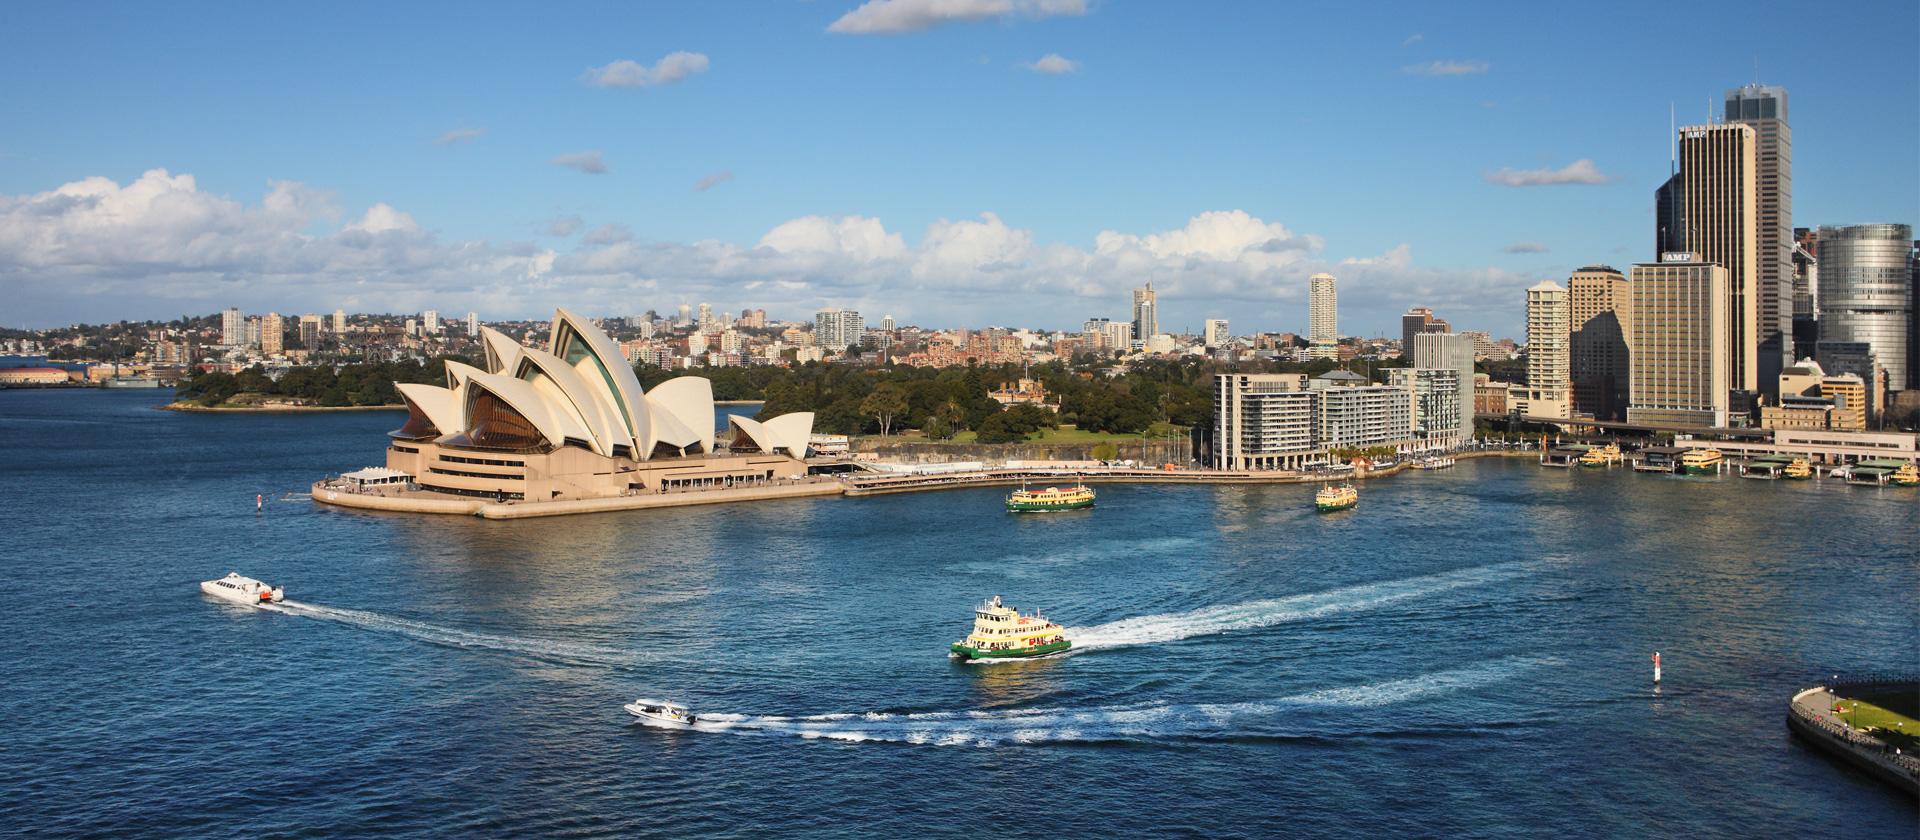 Vize za Australiju - Elena SimicPronađi svoju odgovarajuću vizu za Australiju - Elena Simic